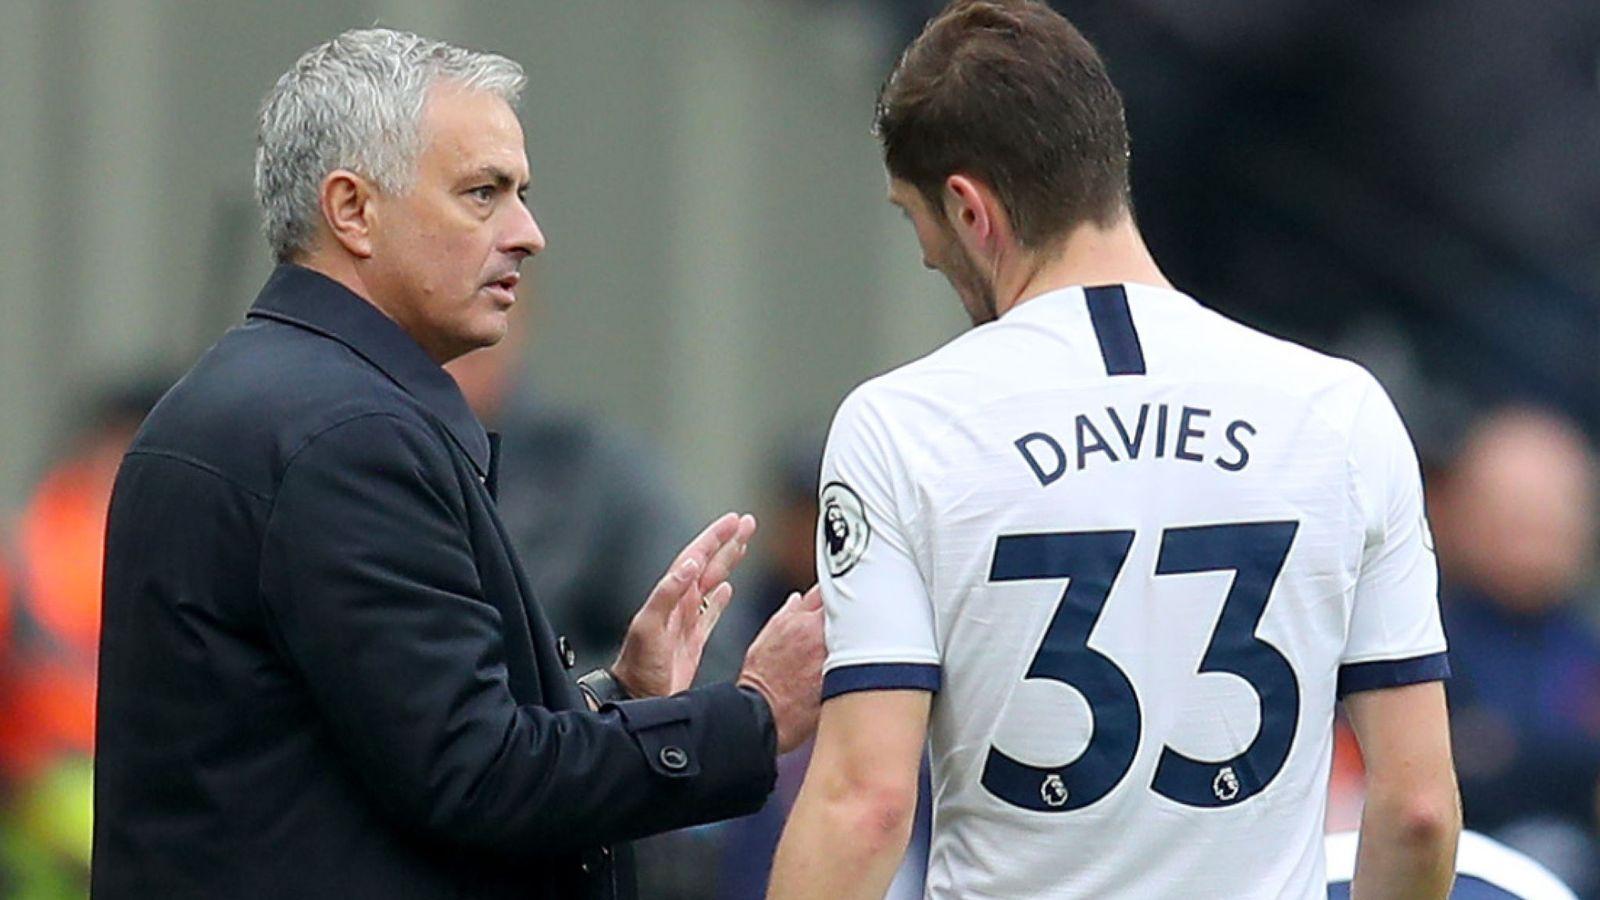 Mourinho và 3 điểm đặc trưng được thể hiện trong đại thắng của Tottenham - Bóng Đá